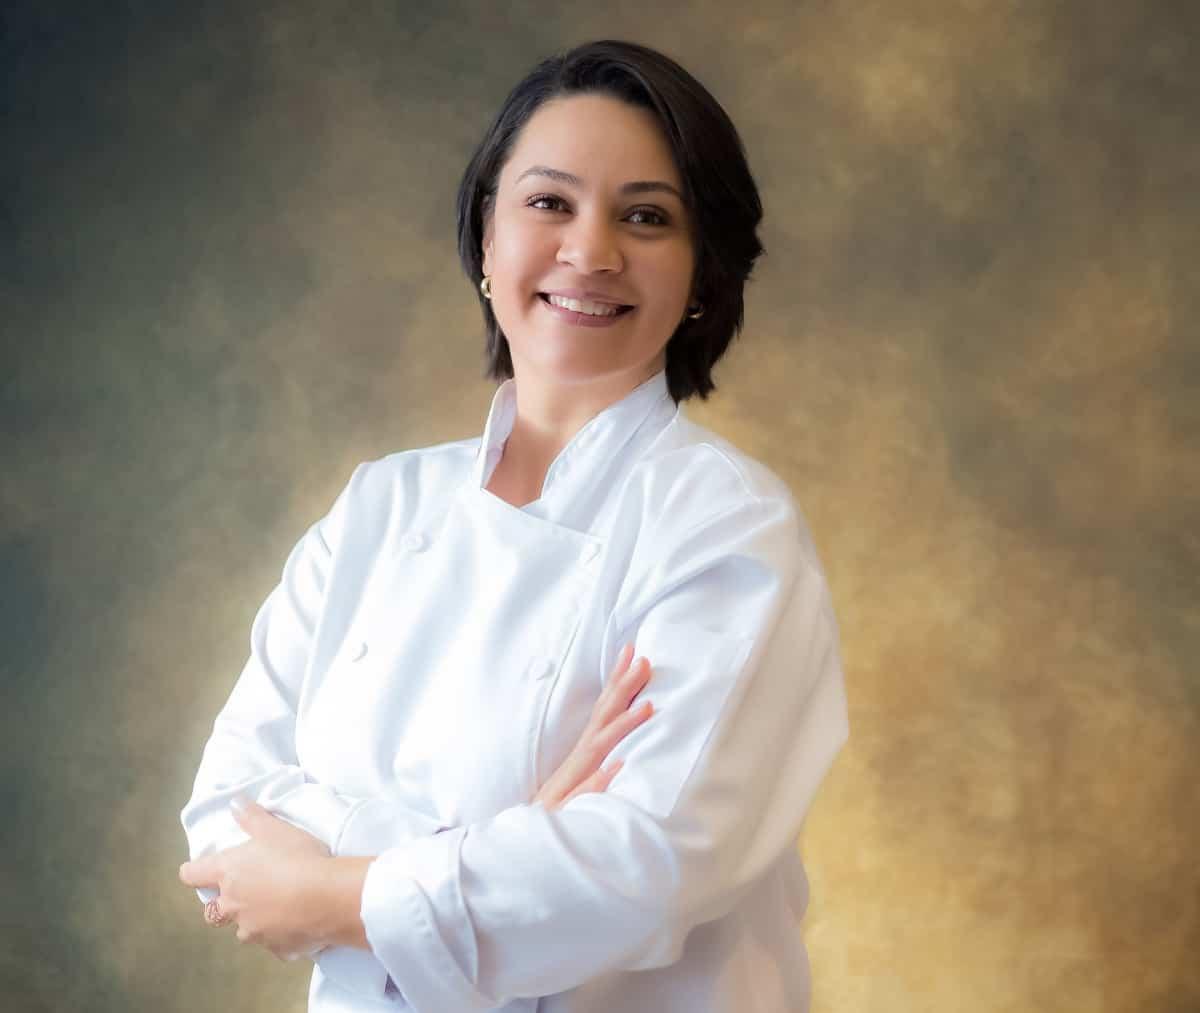 Kátia Souza